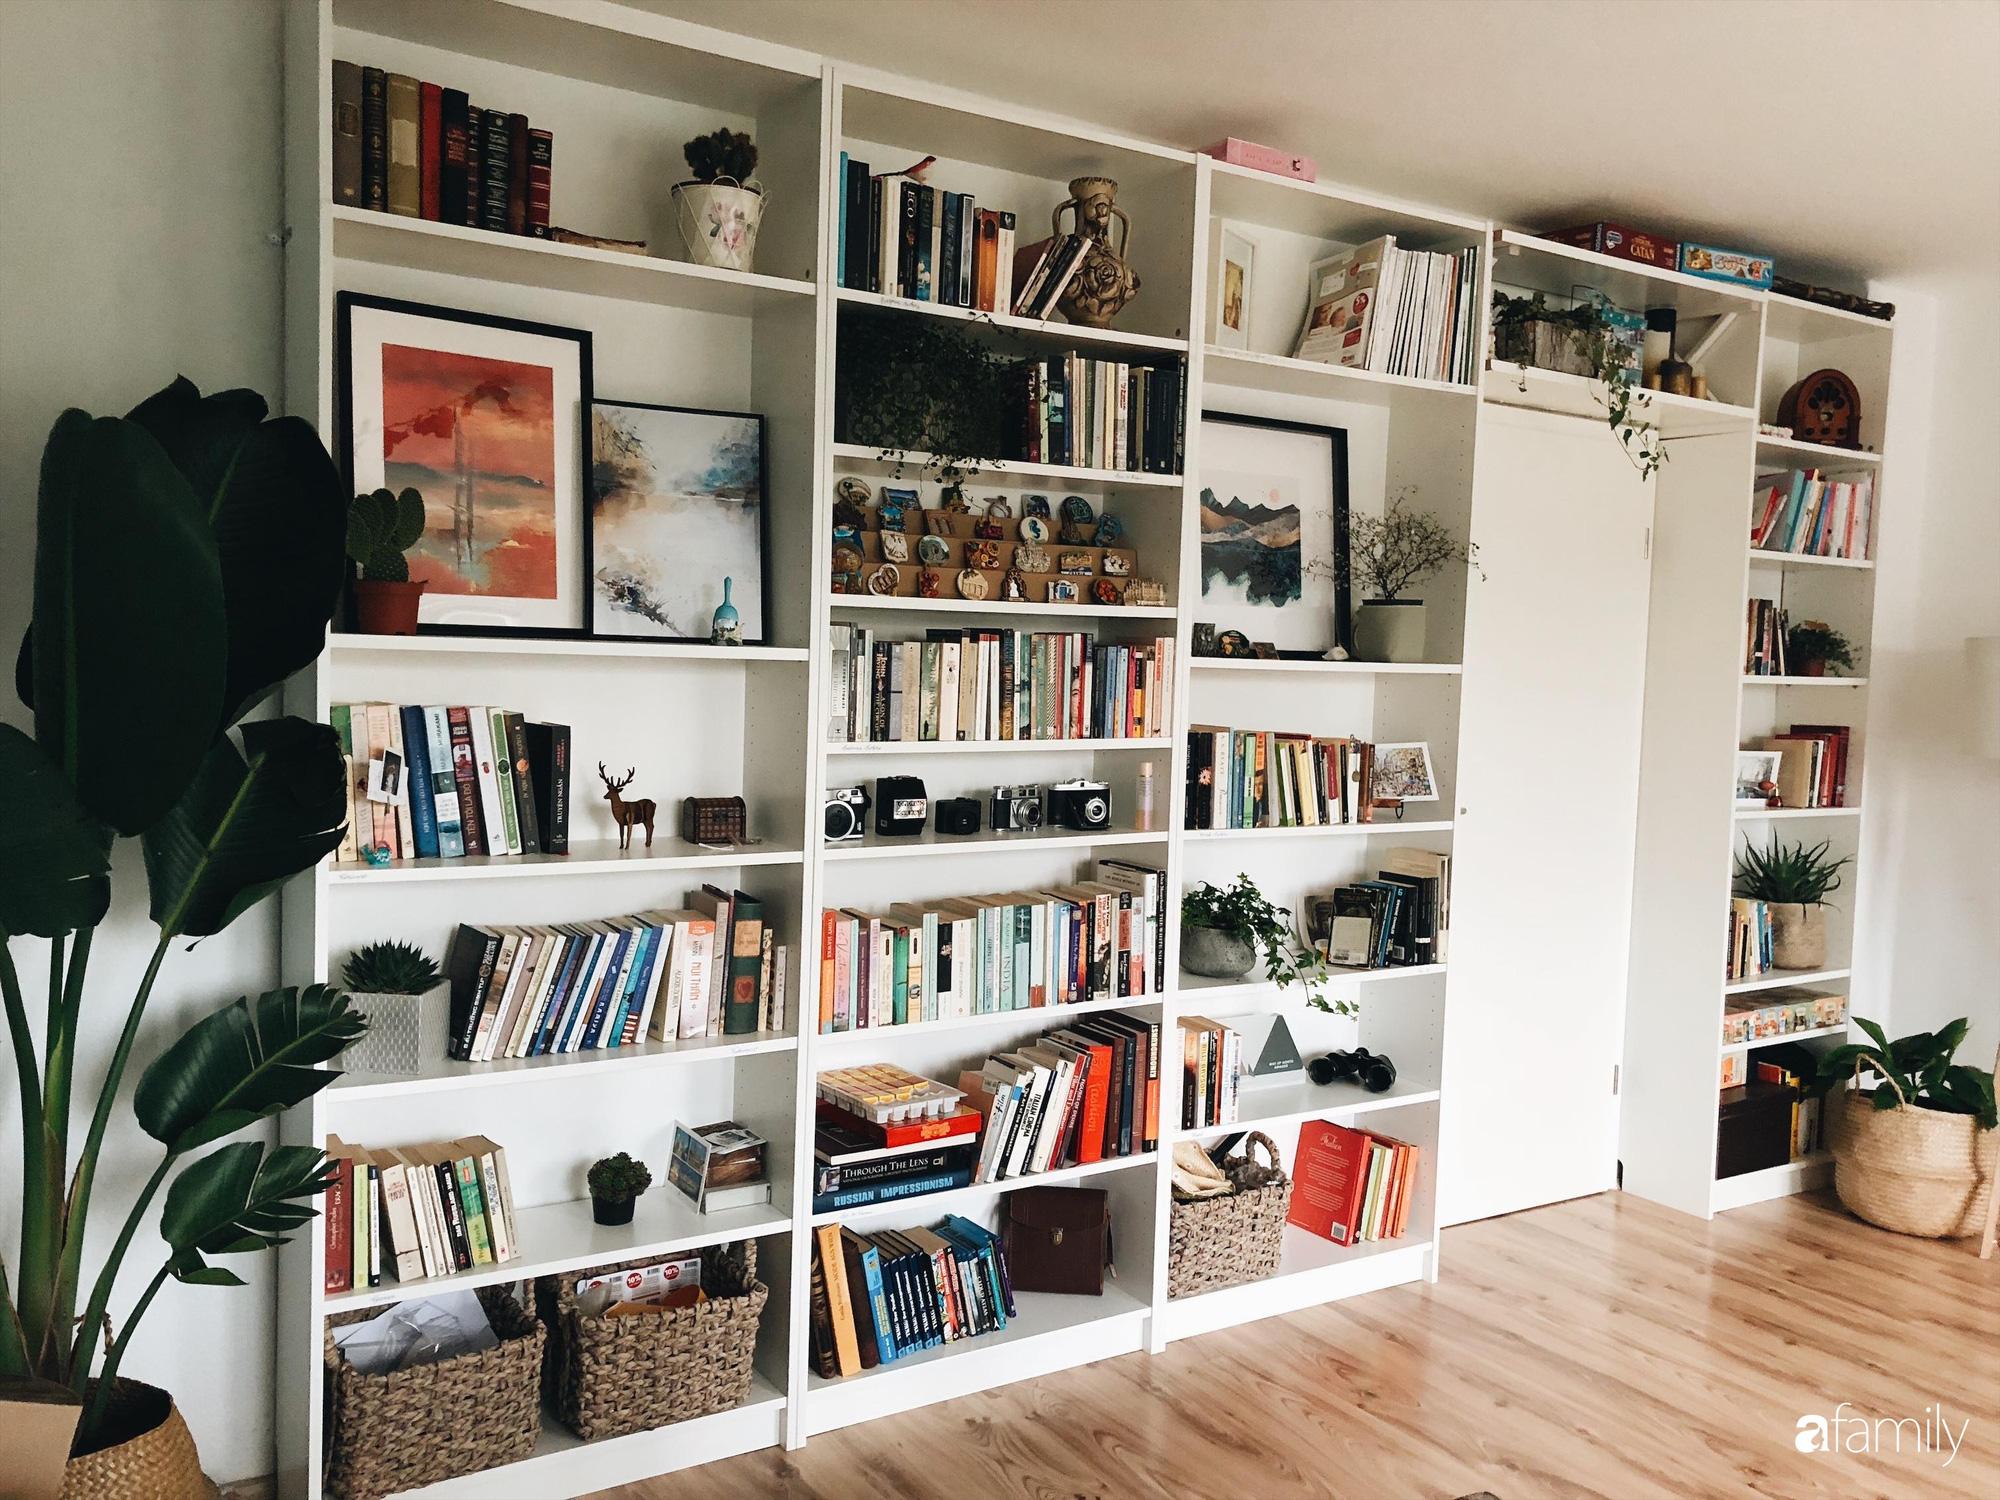 Tự tay cải tạo từng góc nhỏ, căn hộ của vợ chồng trẻ biến thành tổ ấm màu xanh đẹp như trong tạp chí - Ảnh 8.